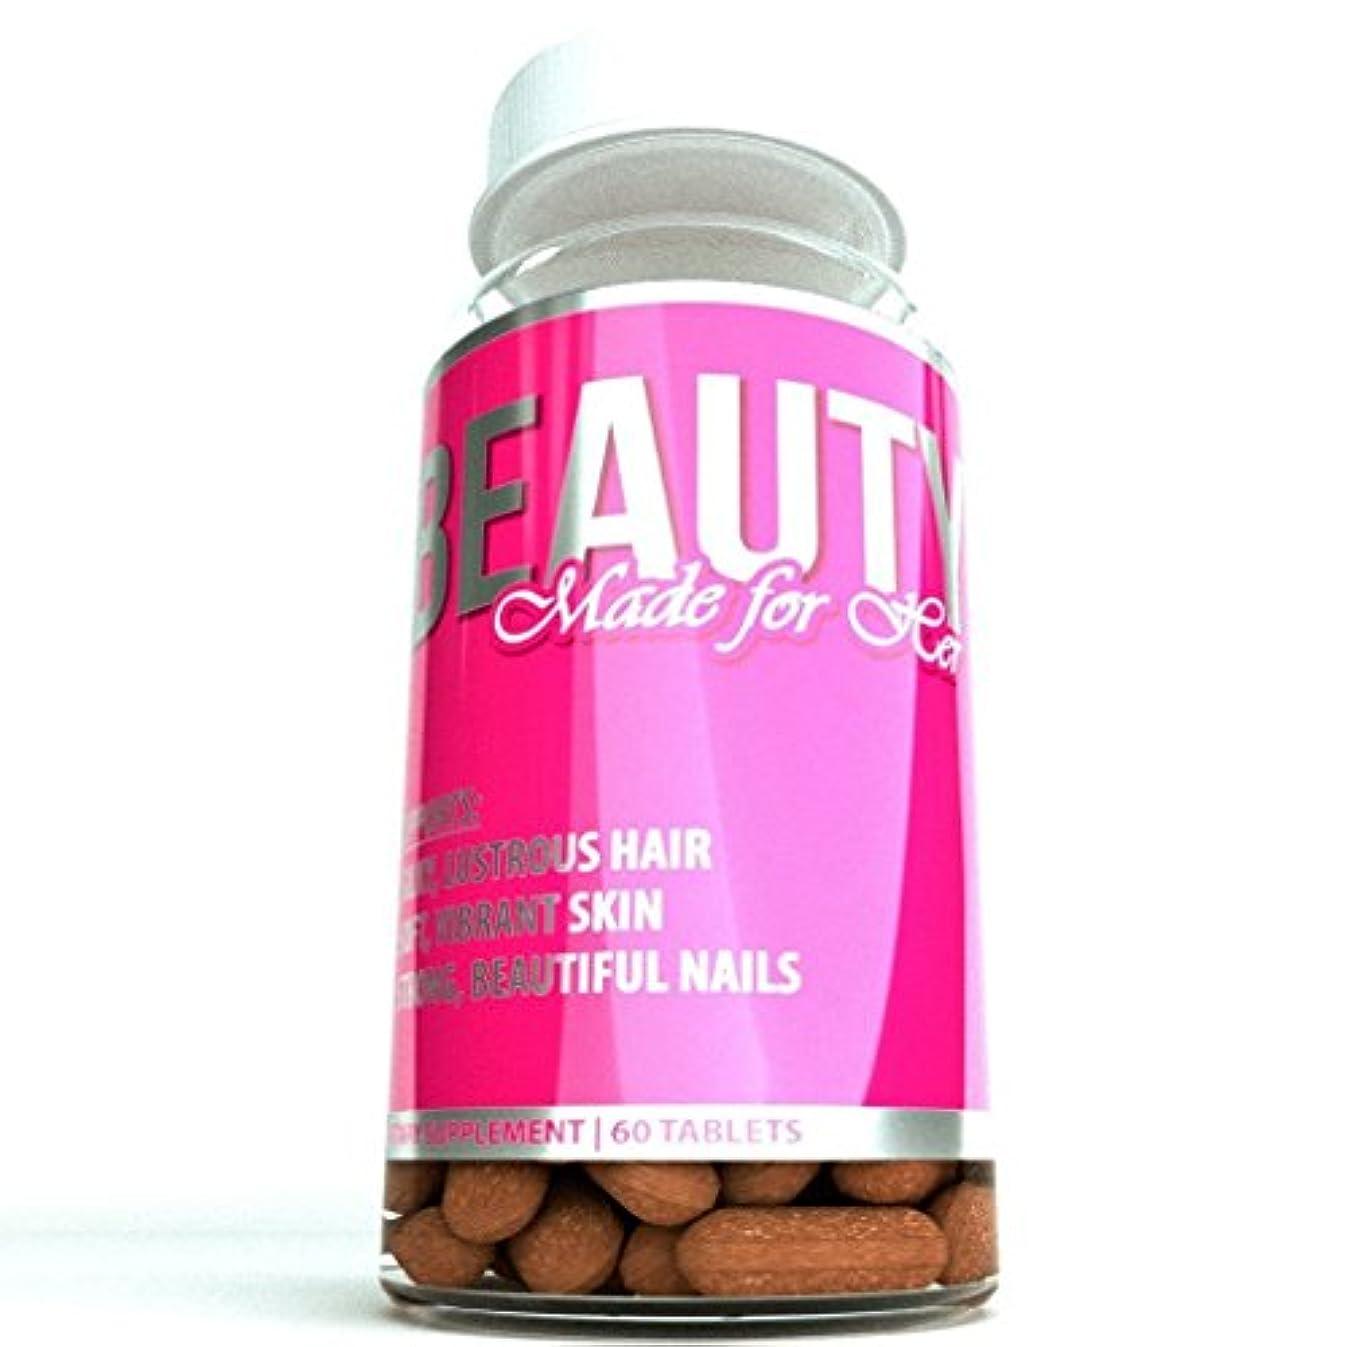 弁護人癒す雑多なBeauty Made For Her Nutrition - Vitamins For Hair & Skin 髪、肌、爪用ビタミン(ビオチン5000mcg配合の効果の高いサプリメント)髪、肌、爪用ビタミン女性用 ビューティービタミン...